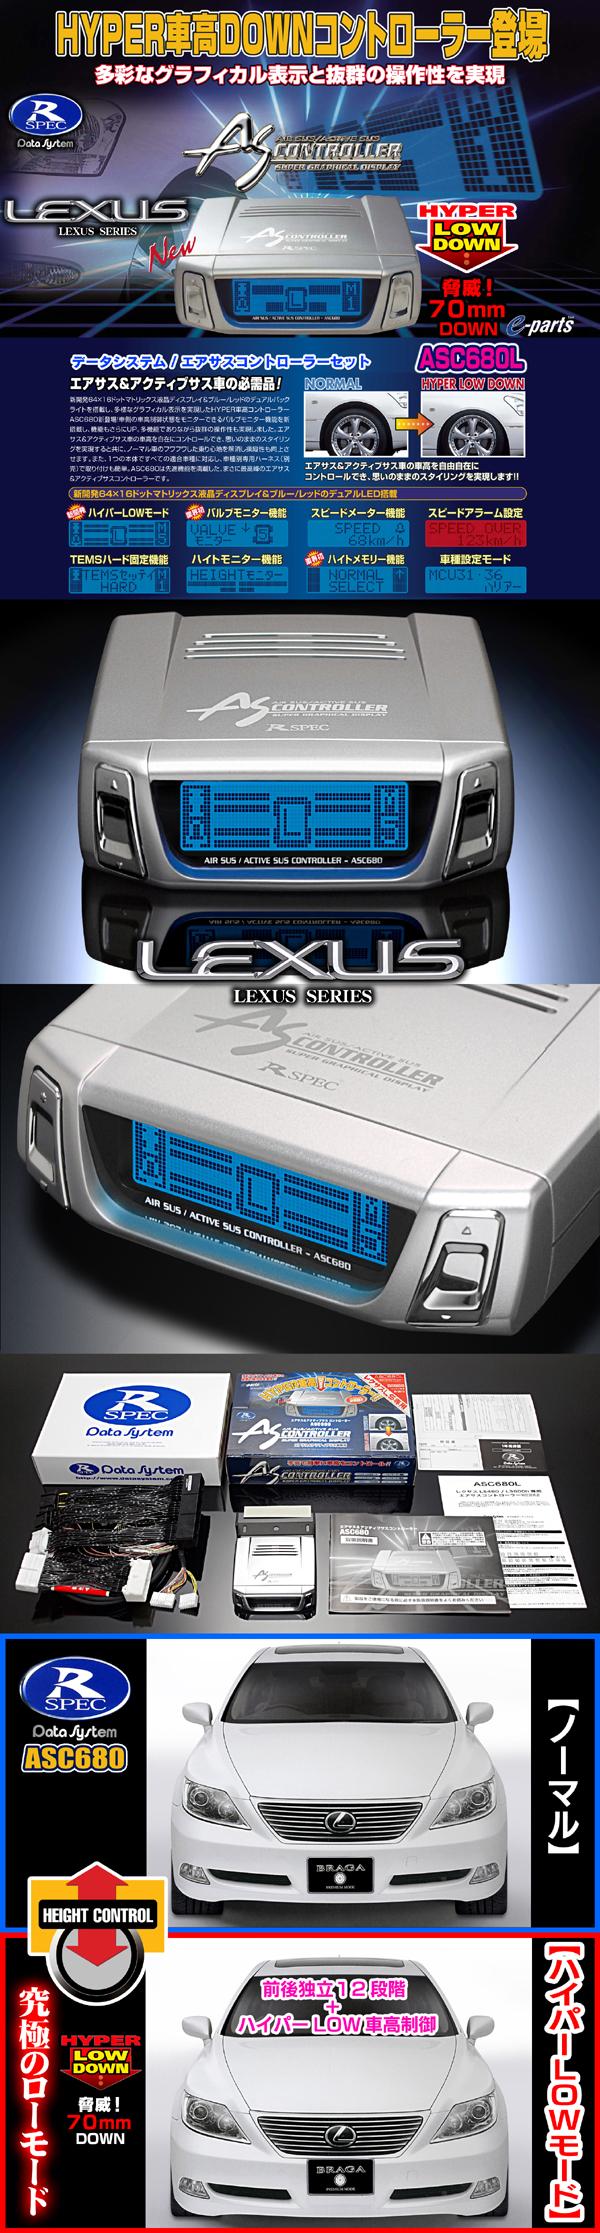 【データシステムASC680L《レクサスLS460/460L・前期》エアサスコントローラー&ハーネスセット】